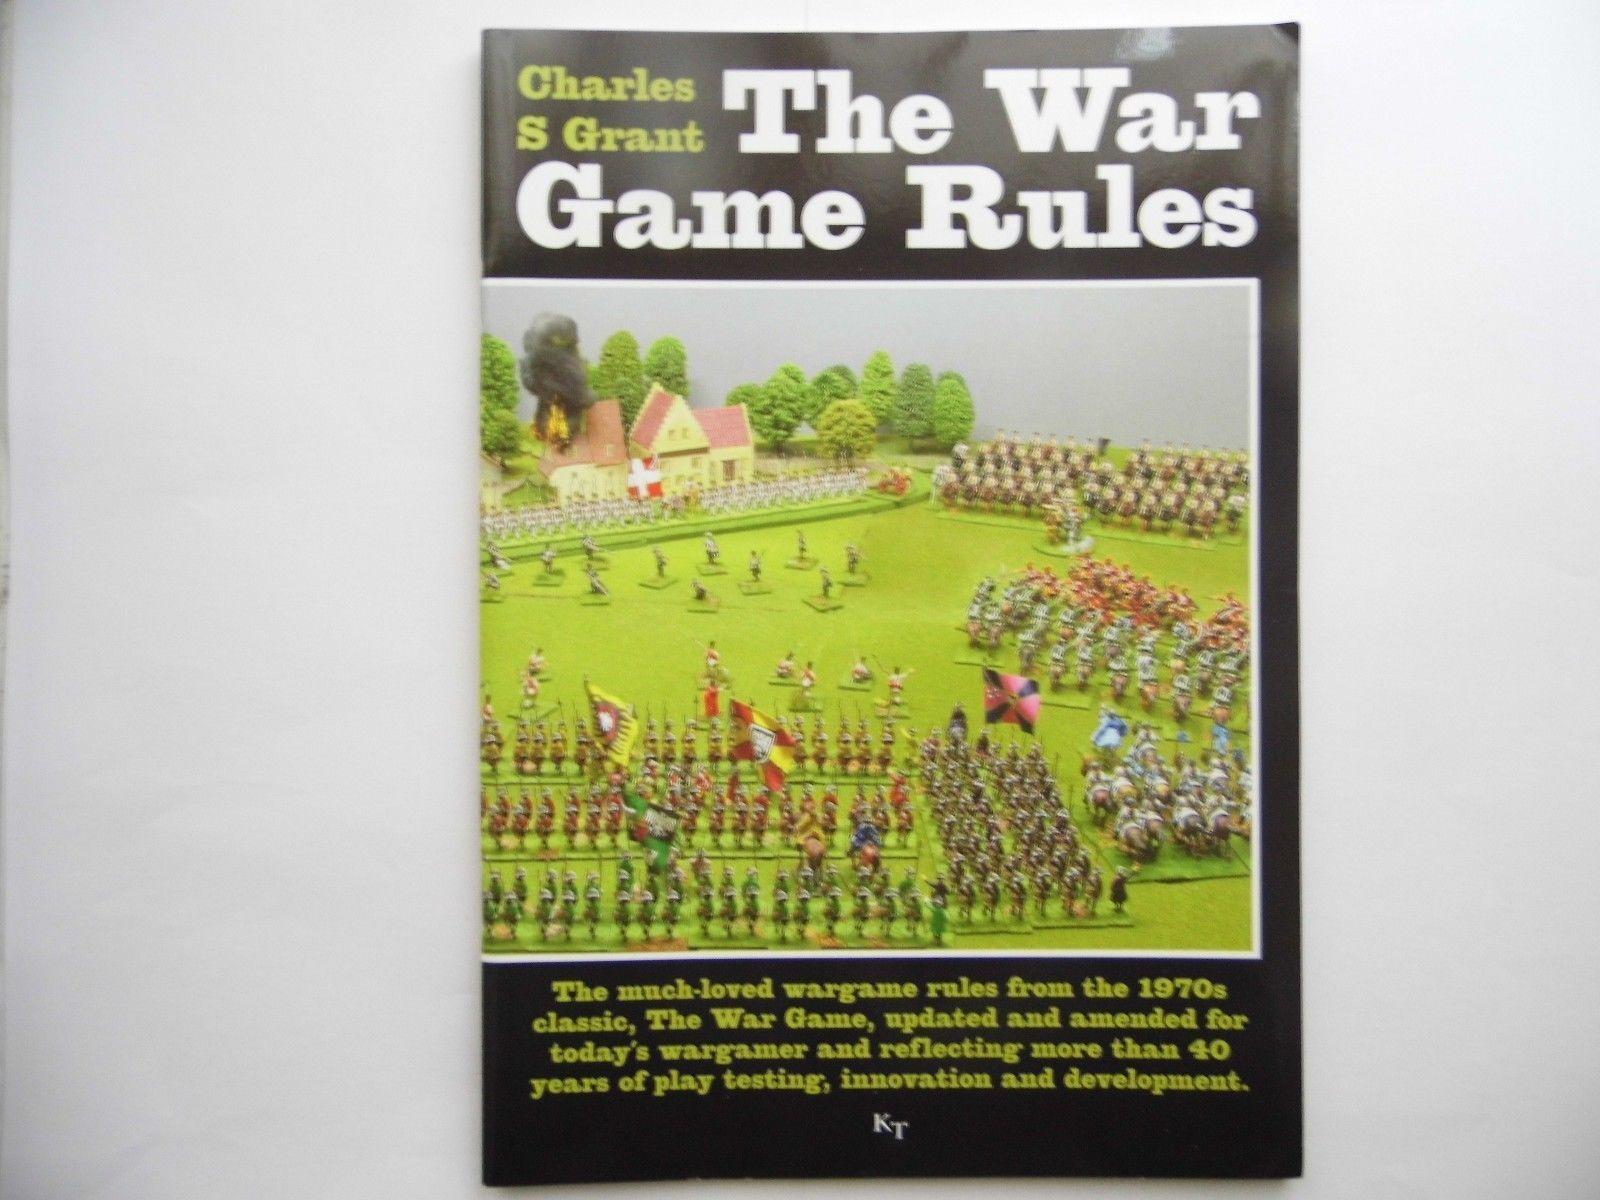 The War Jeu Règles - Charles Grant - Ken Tredman - Envoyé 1ST Classe - Nouveau